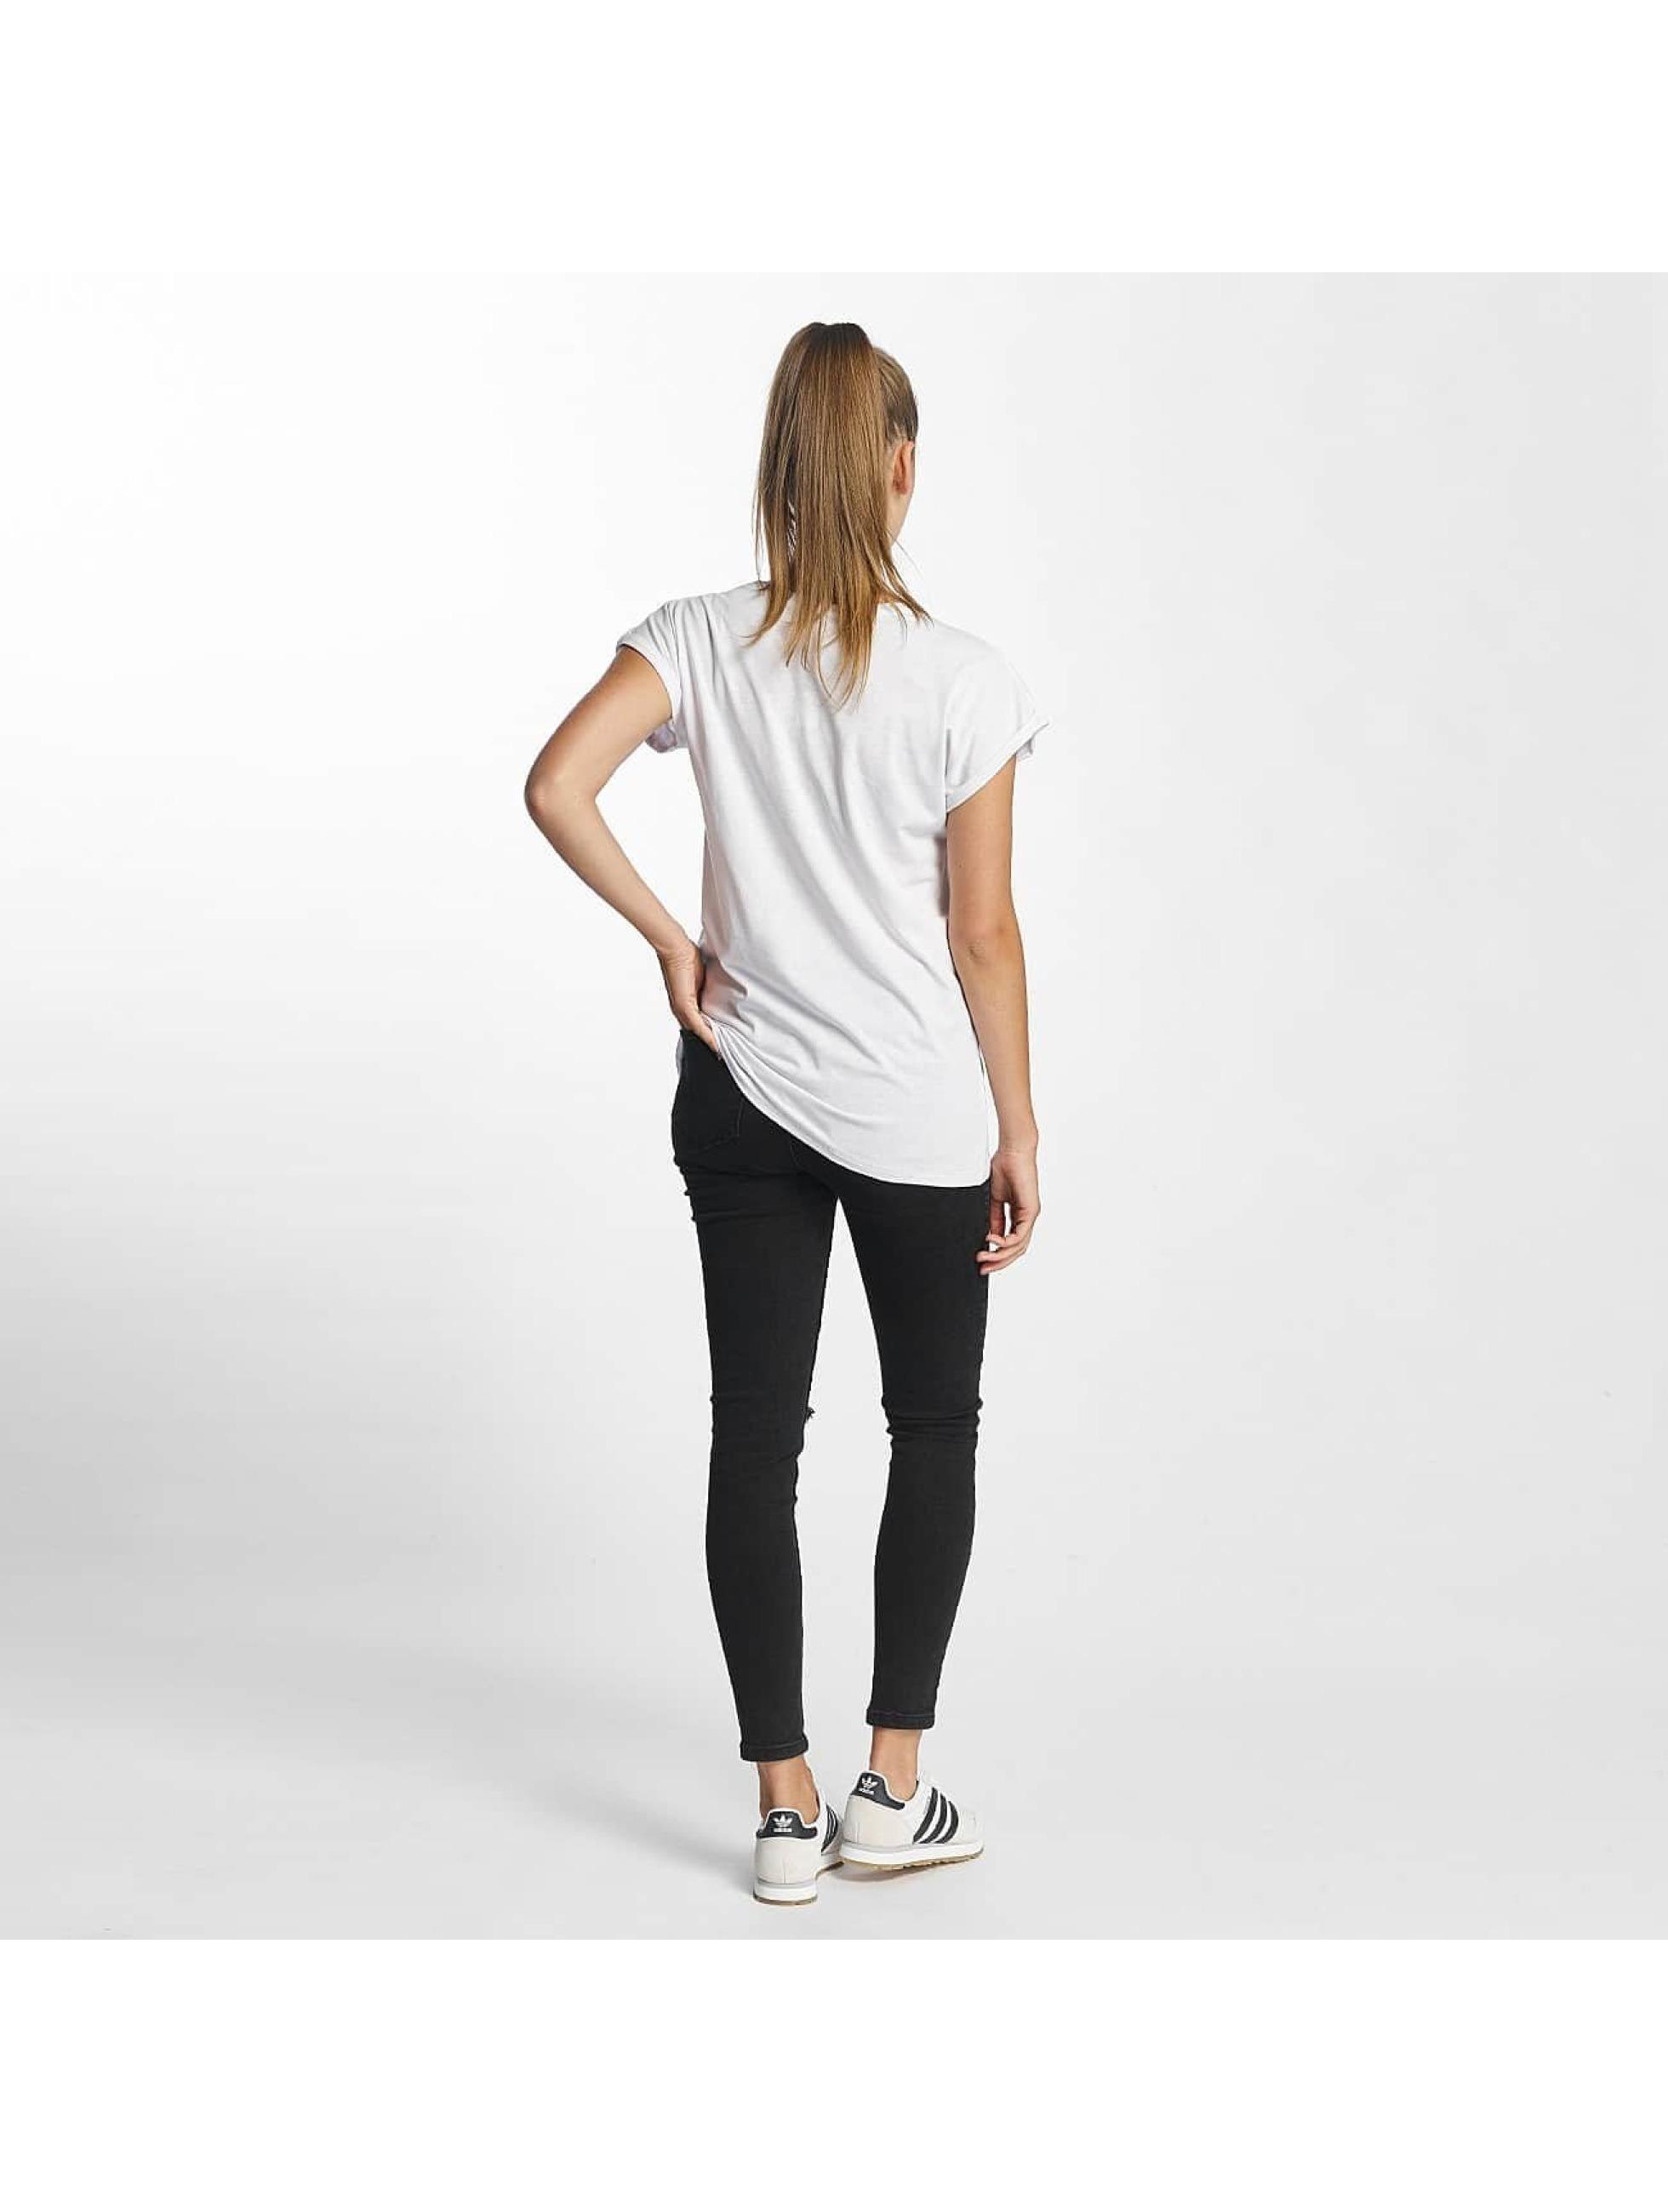 Mister Tee Camiseta Bae blanco